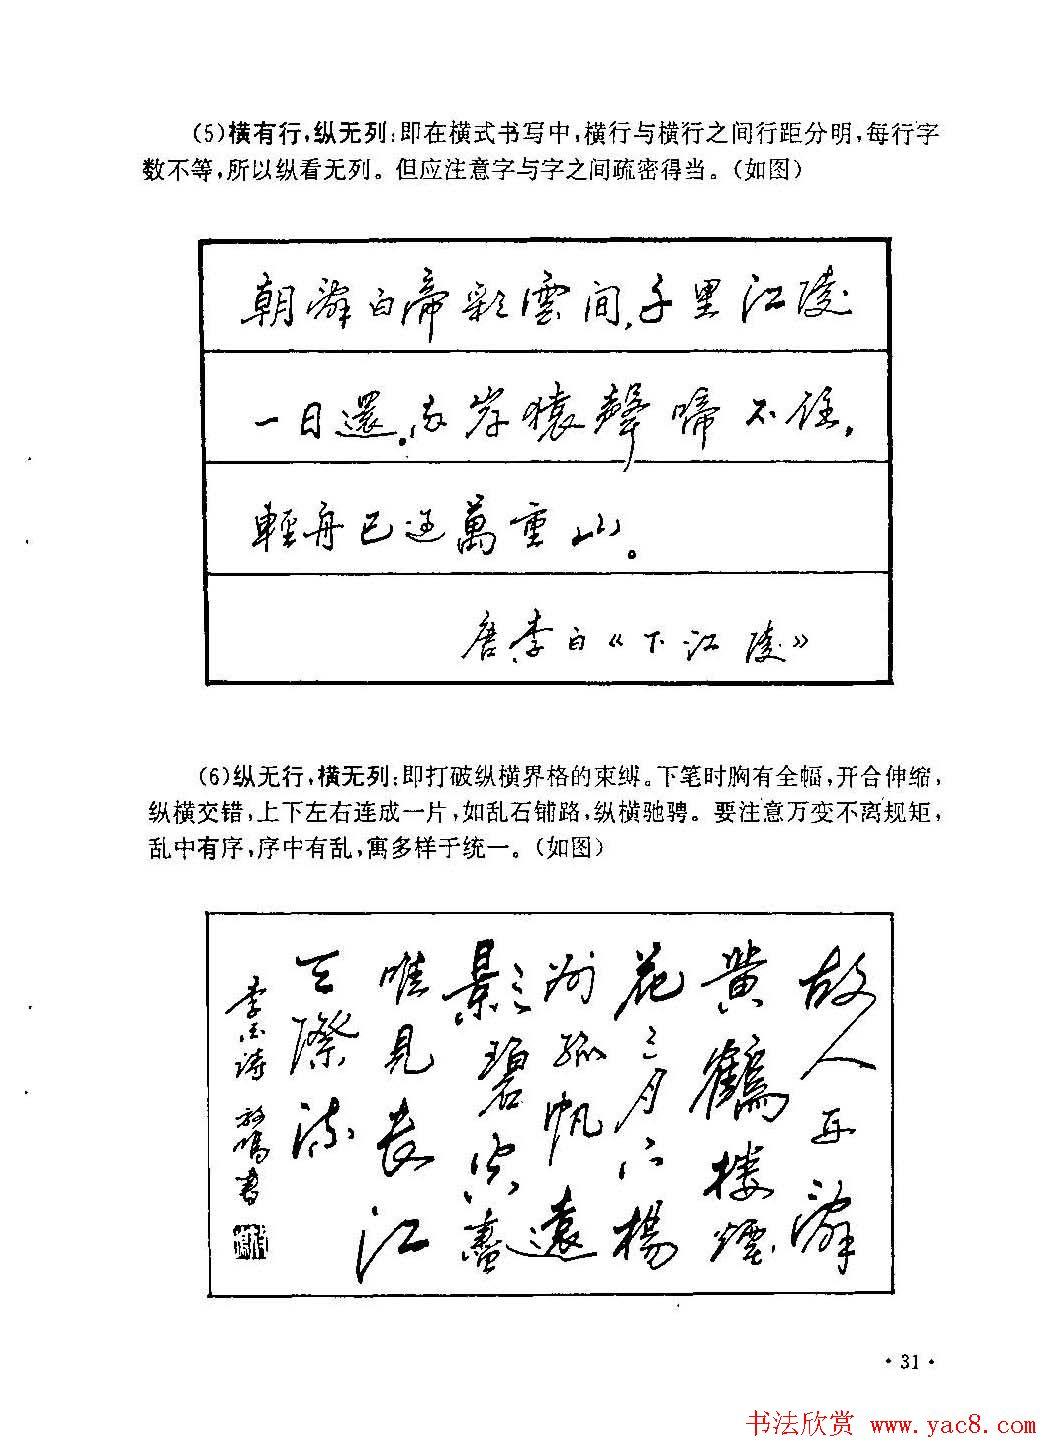 李放鸣字帖《钢笔书法创作技法》(28)图片